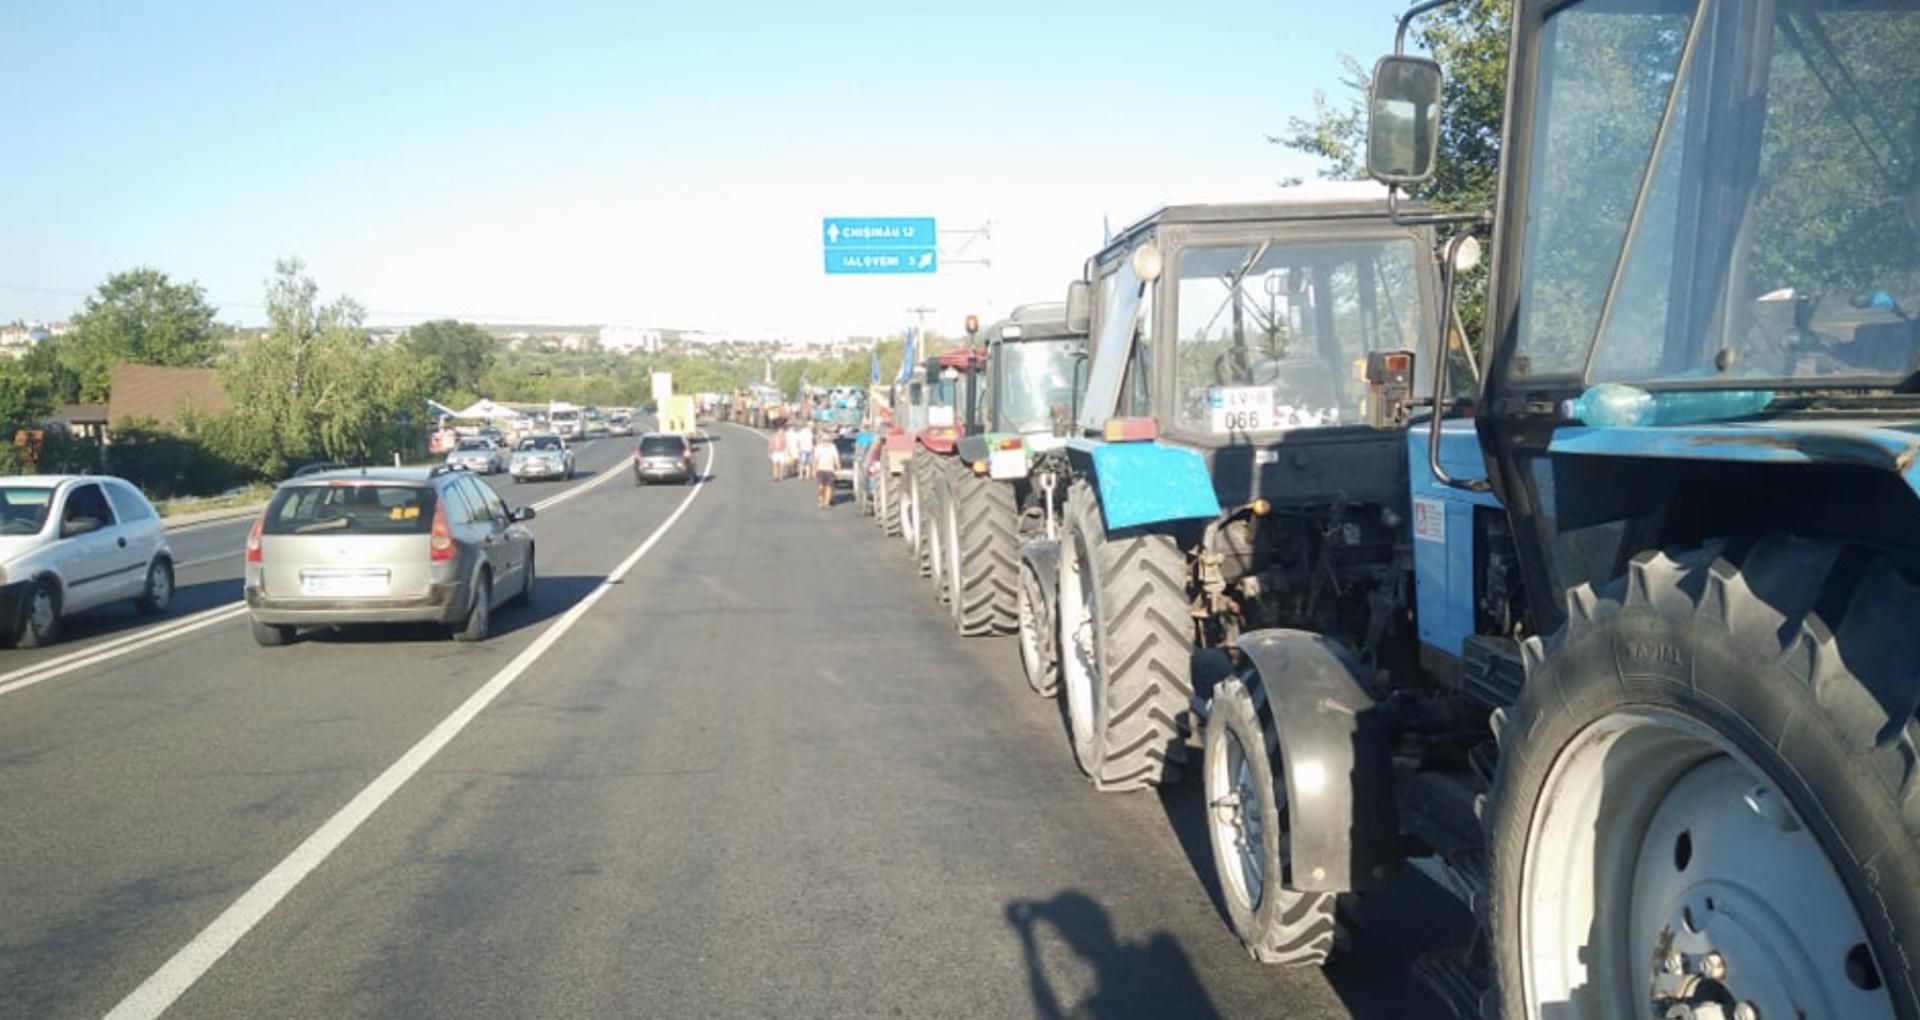 Chicu: Agricultorii își permit tractoare de zeci de mii de euro. Sectorul agricol se bucură de cele mai mari facilități